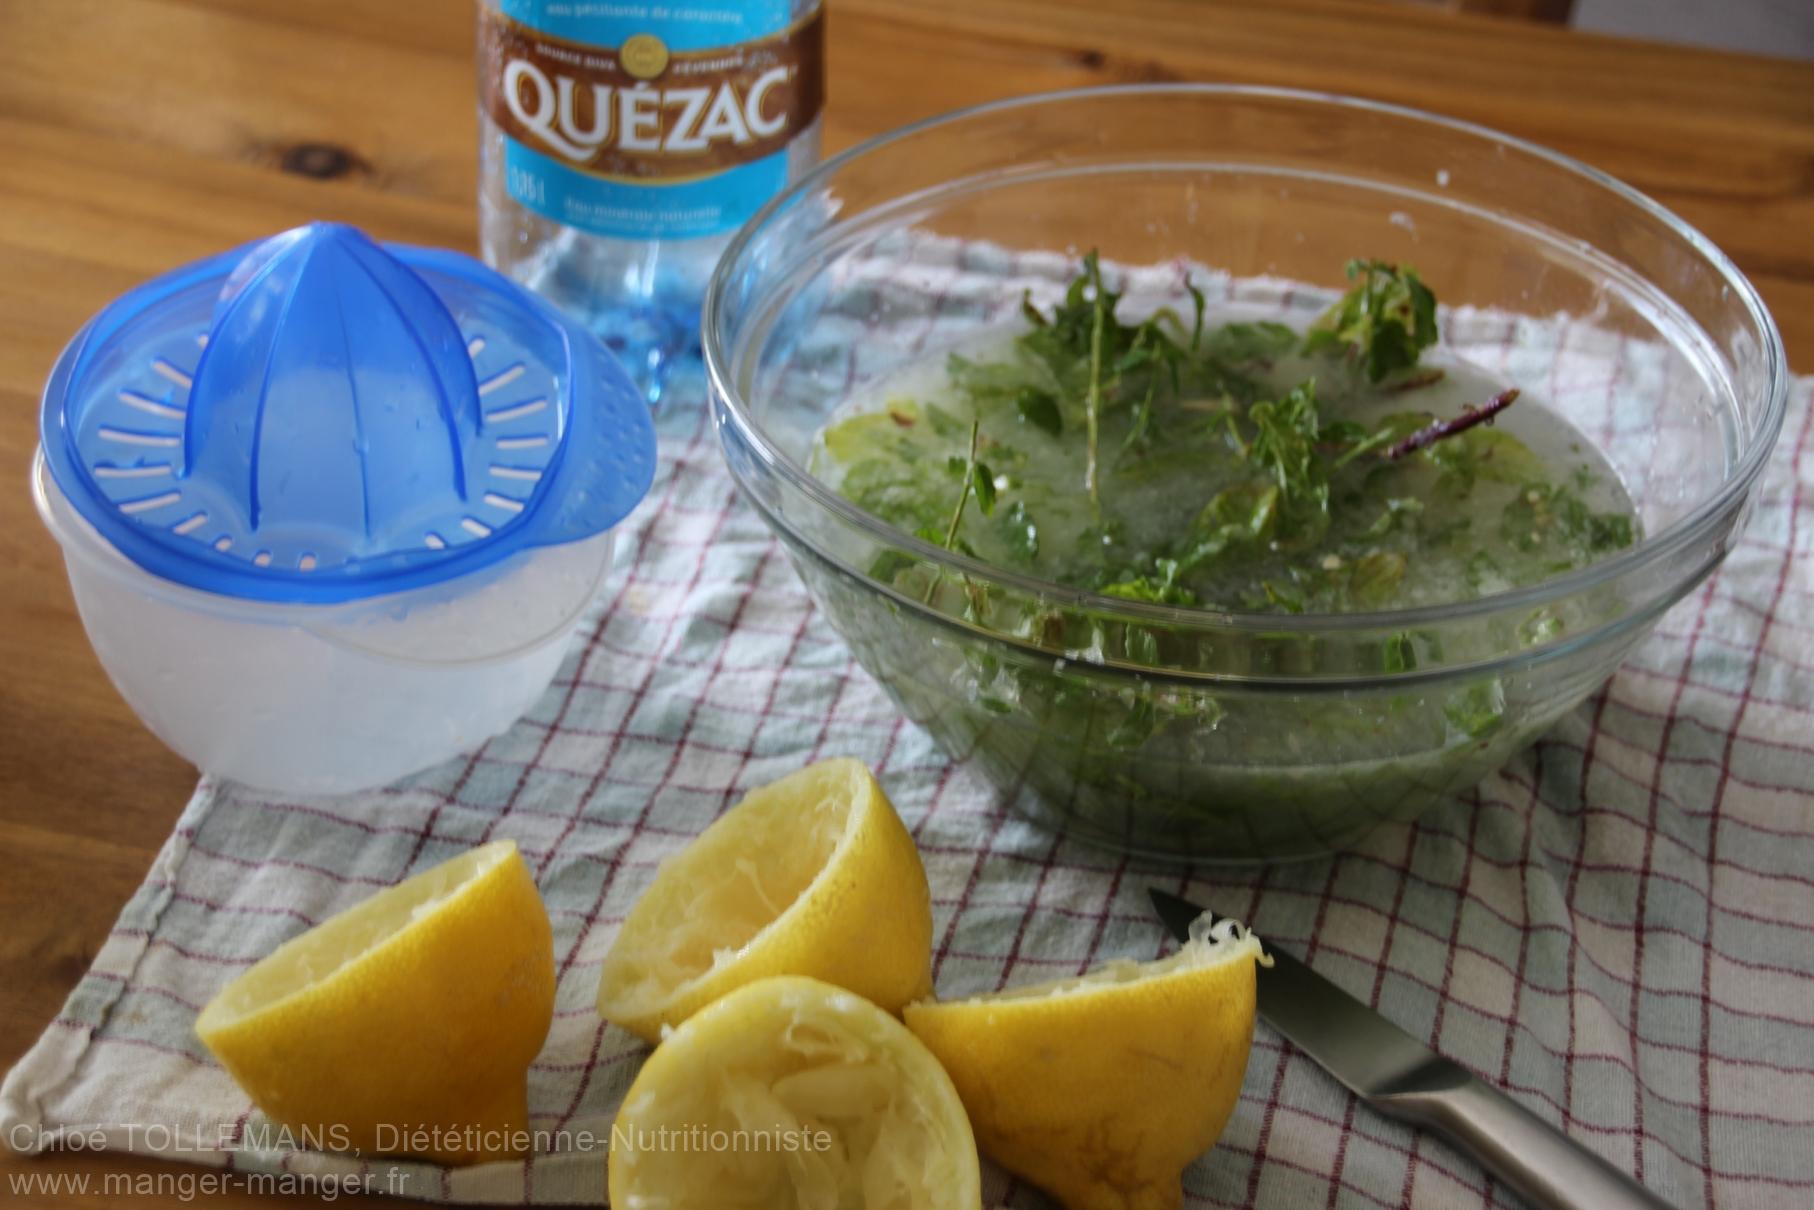 Dieteticienne Toulouse - Boisson menthe citron